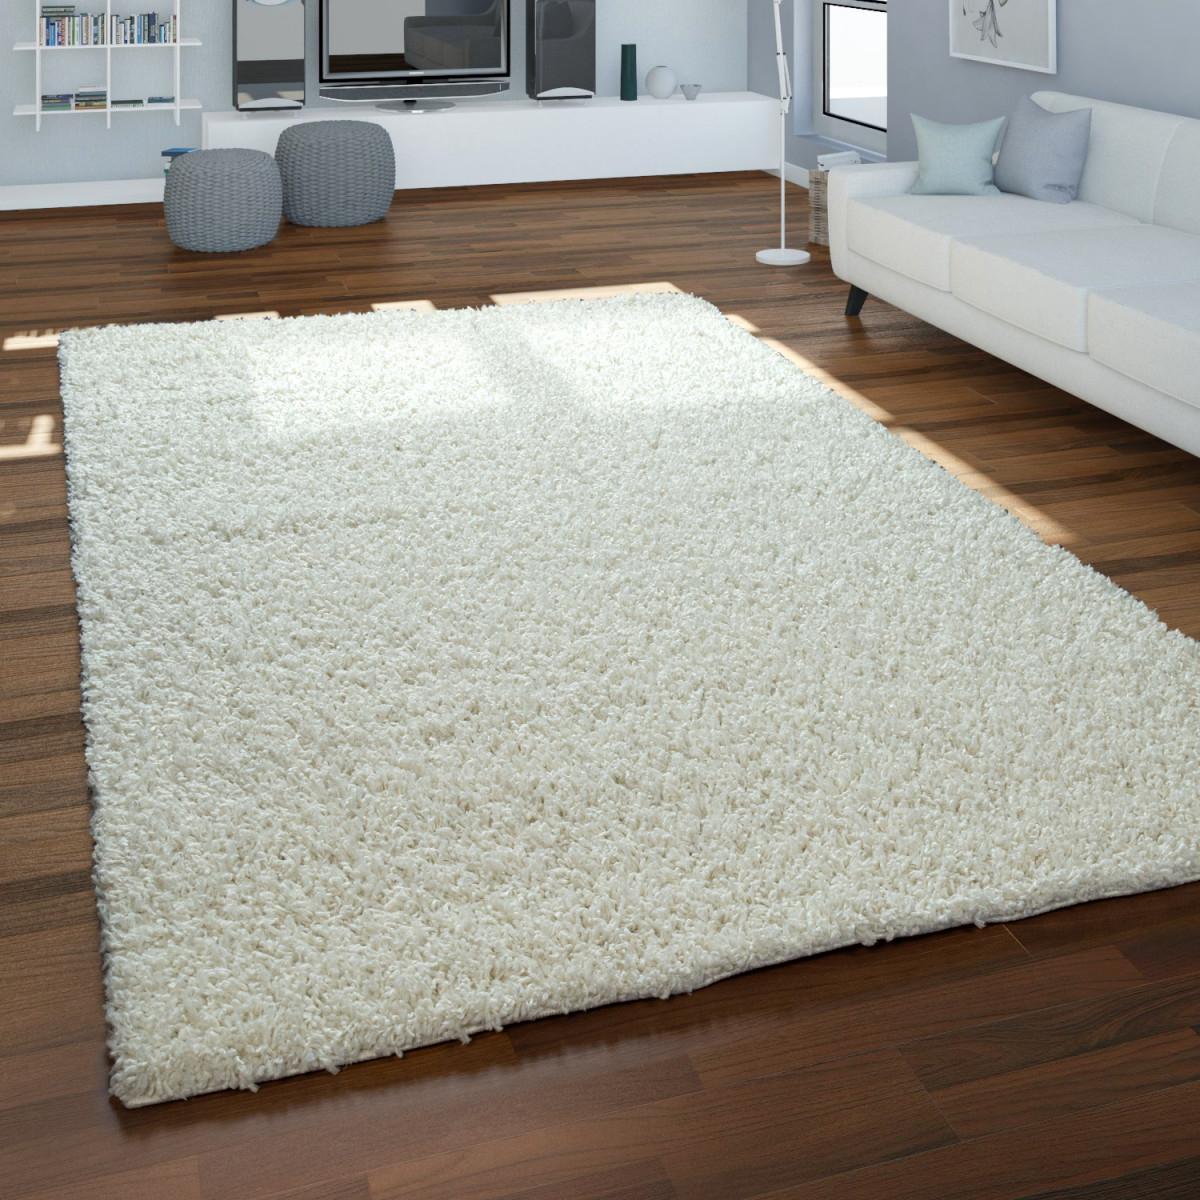 Teppich Hochflor Shaggy Beige Wohnzimmer Schlafzimmer Behaglich Weich Robust von Wohnzimmer Teppich Hochflor Bild